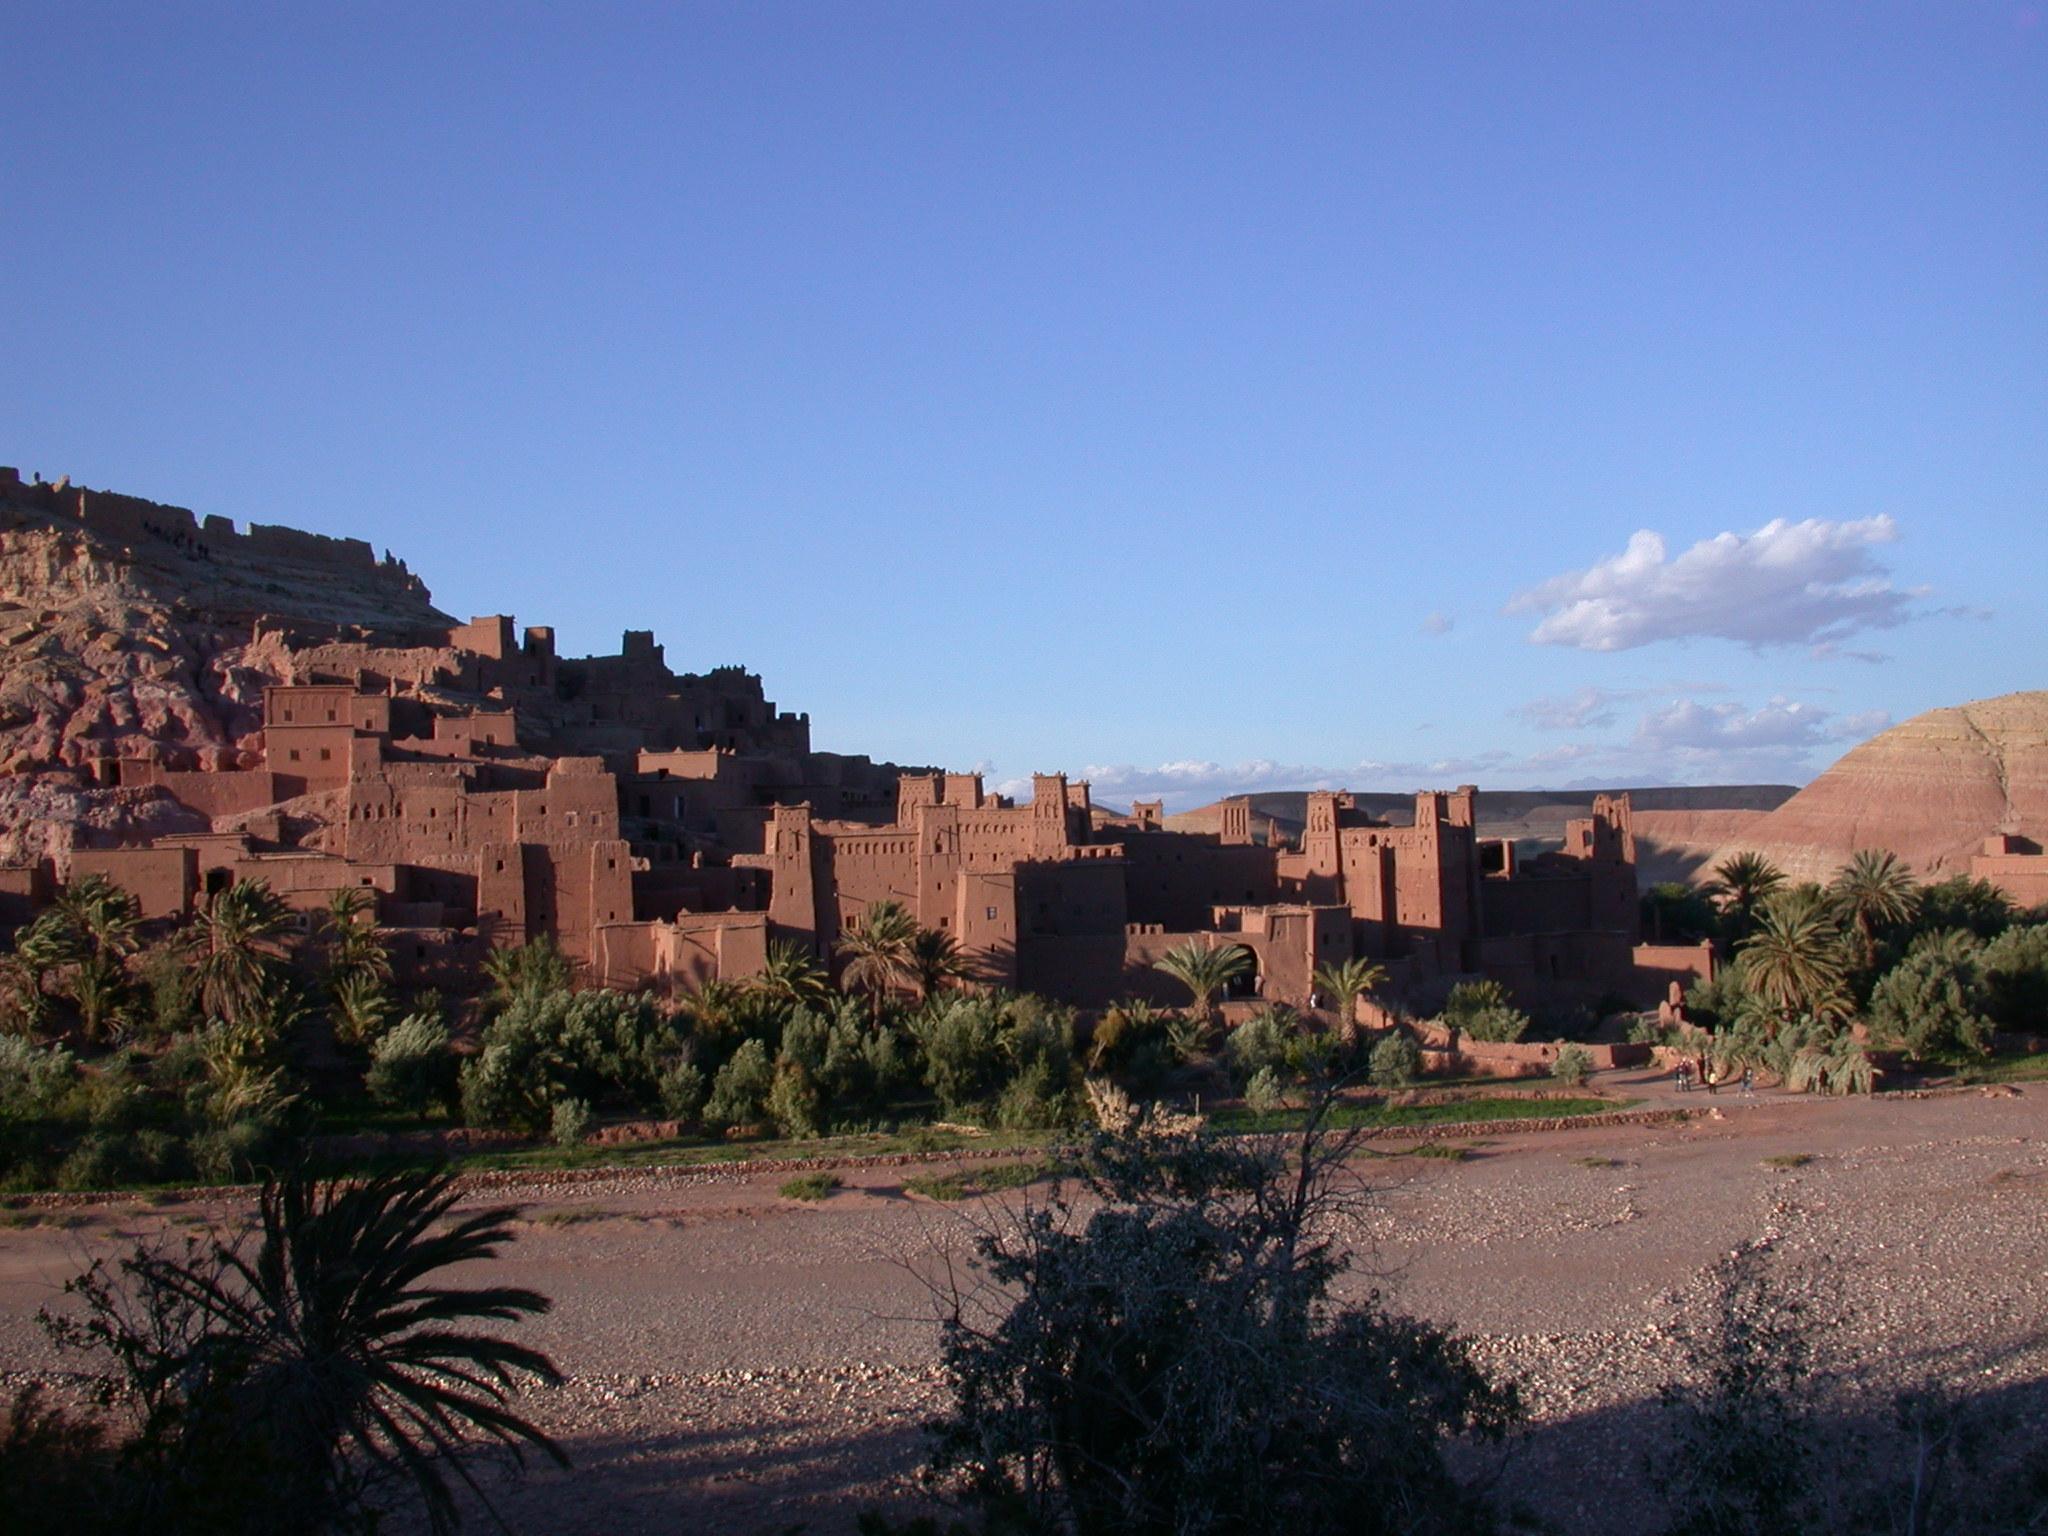 Luca Errera, Daniela Trastulli, Marocco, Ait ben haddou